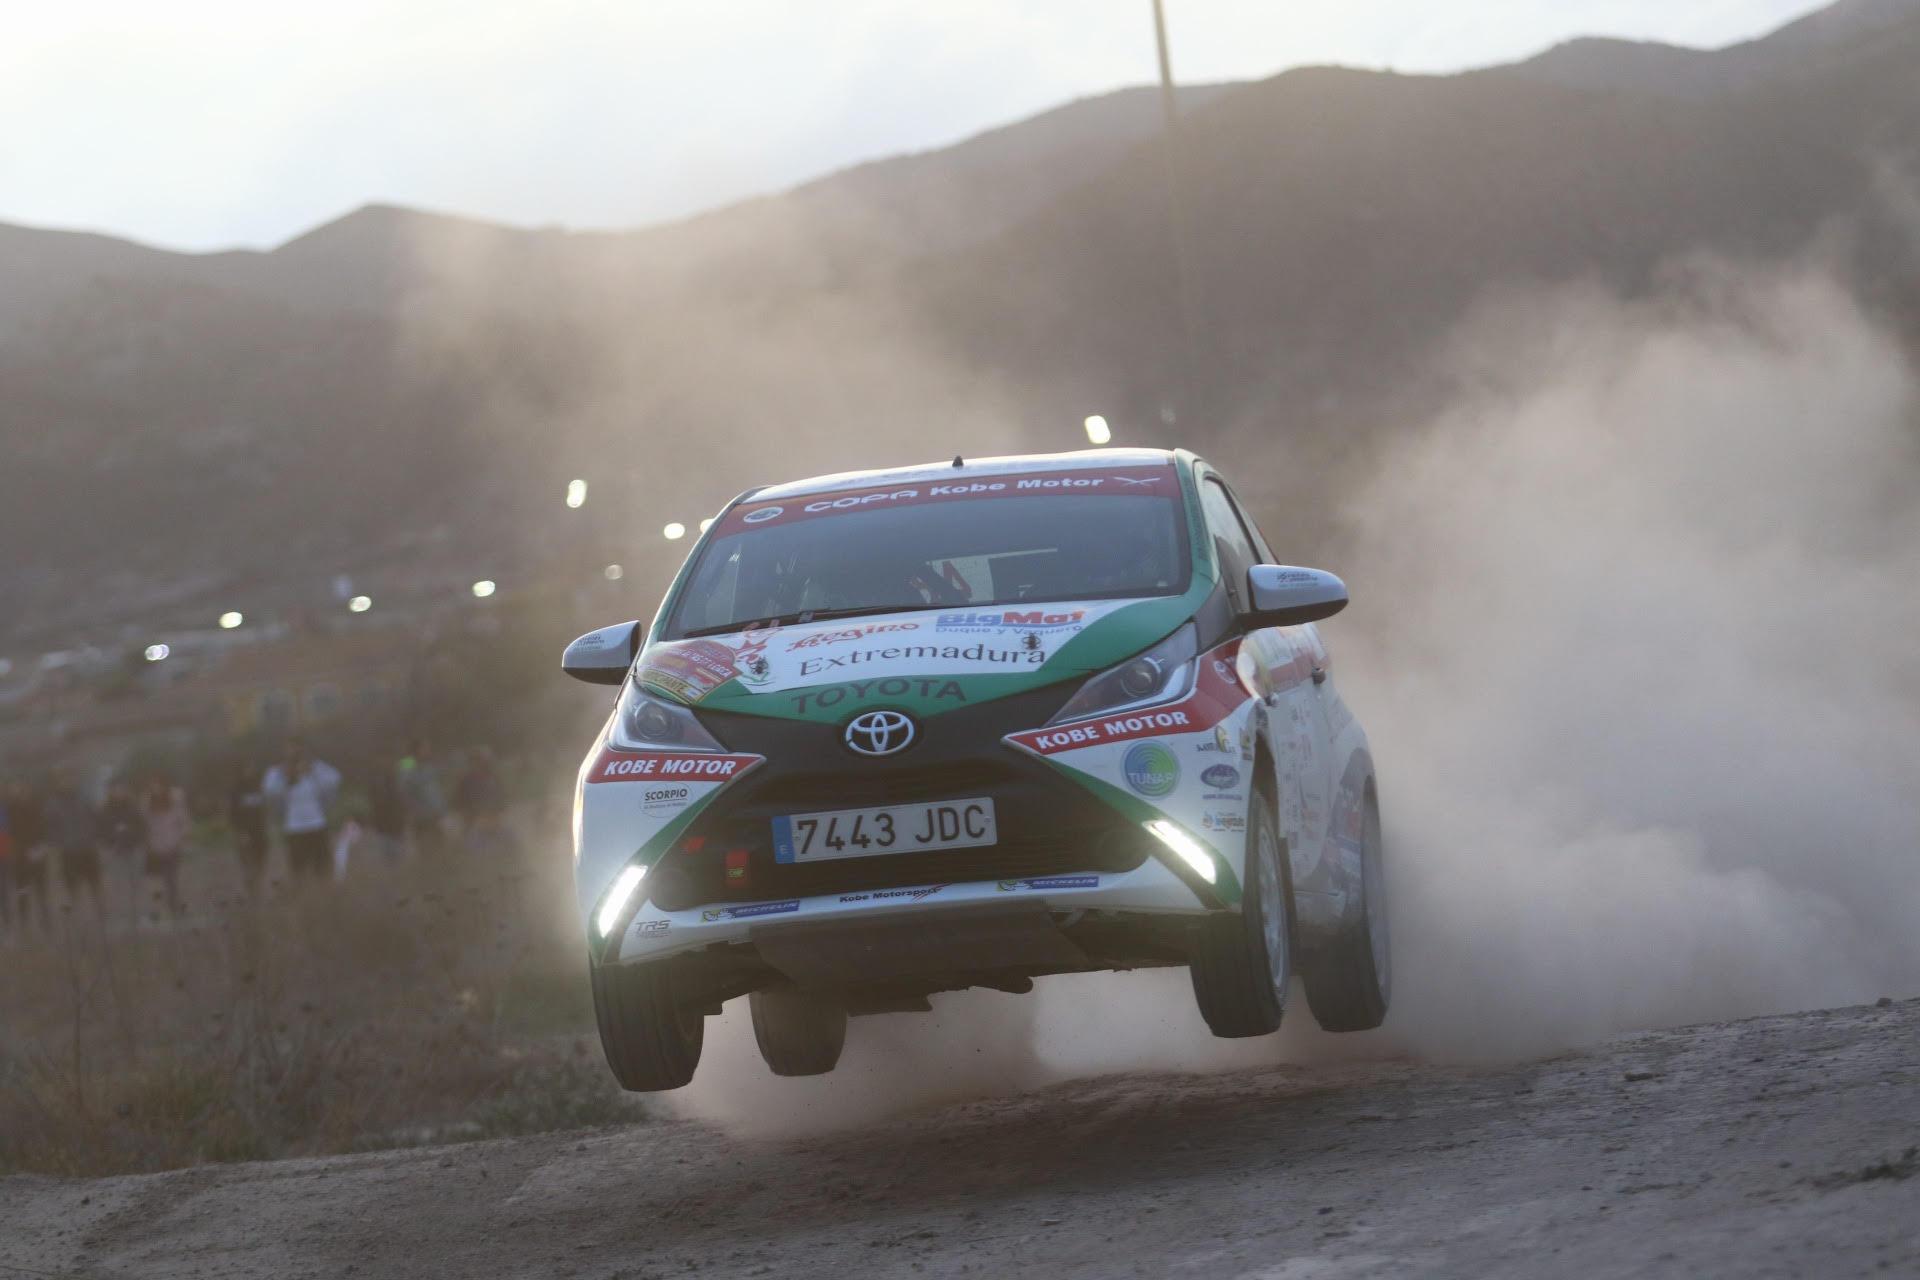 Una de cal y otra de arena para el Extremadura Rallye Team en Lorca (5)